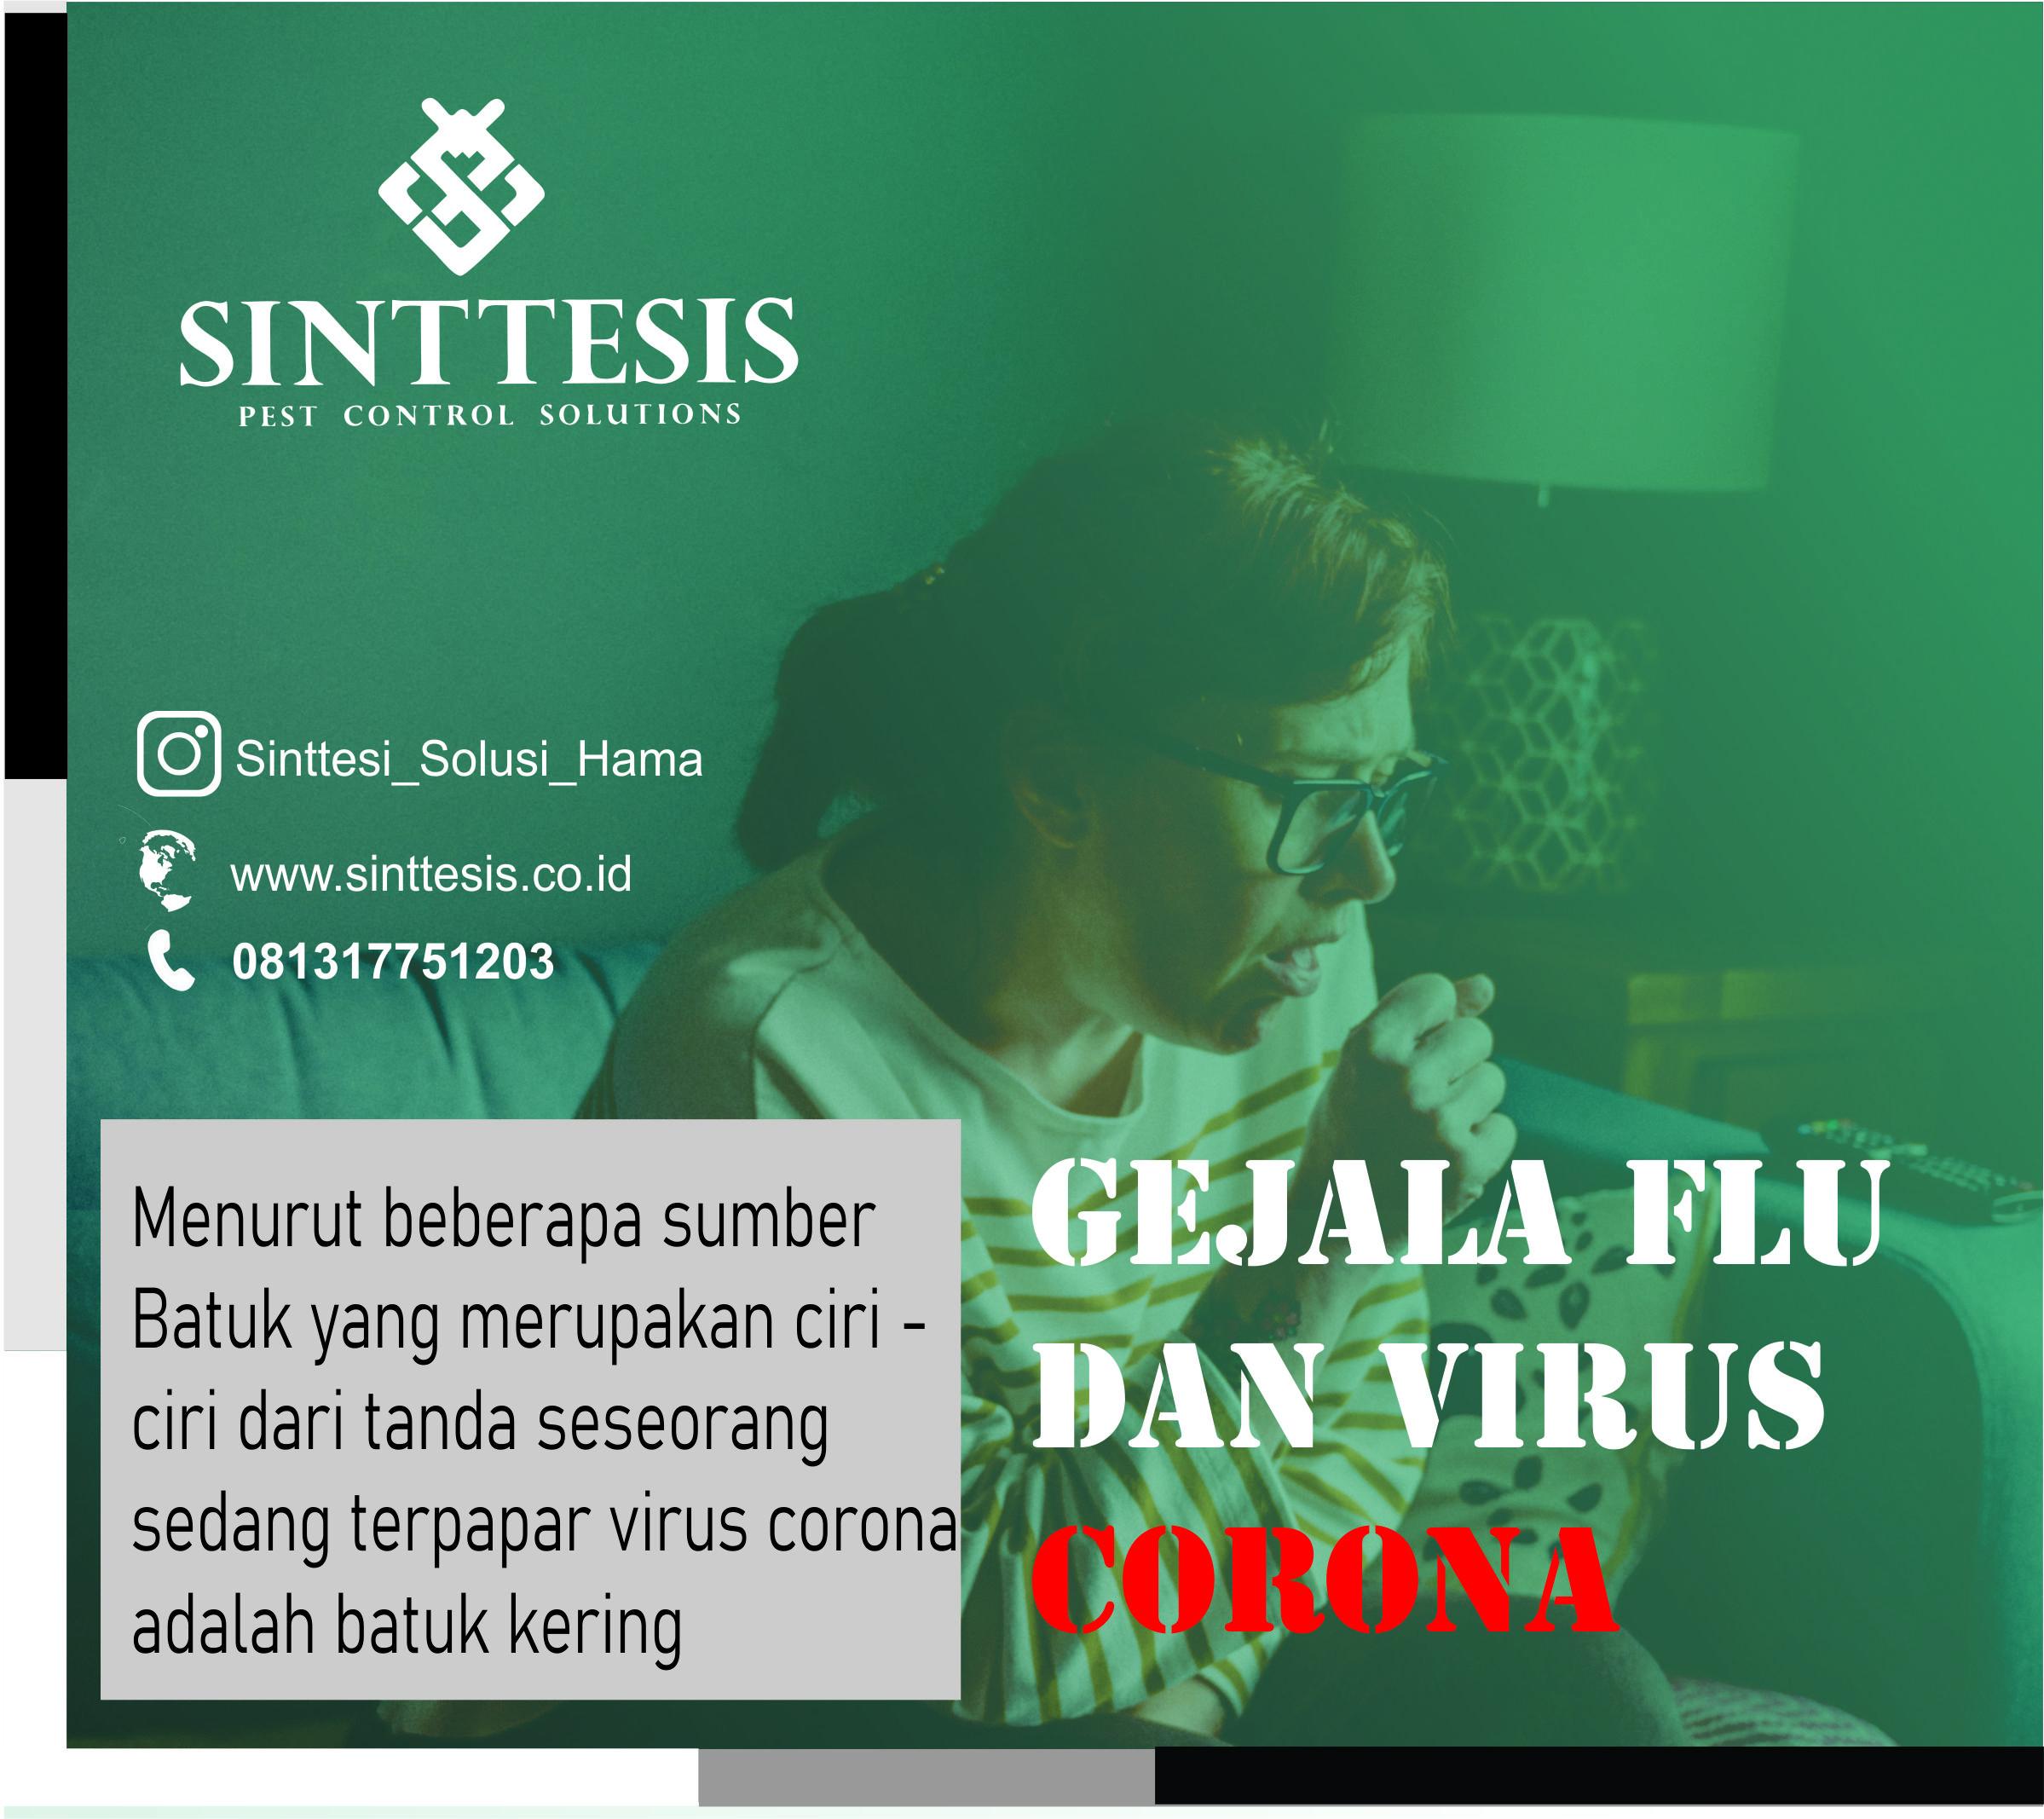 Gejala Flu dan Virus Corona